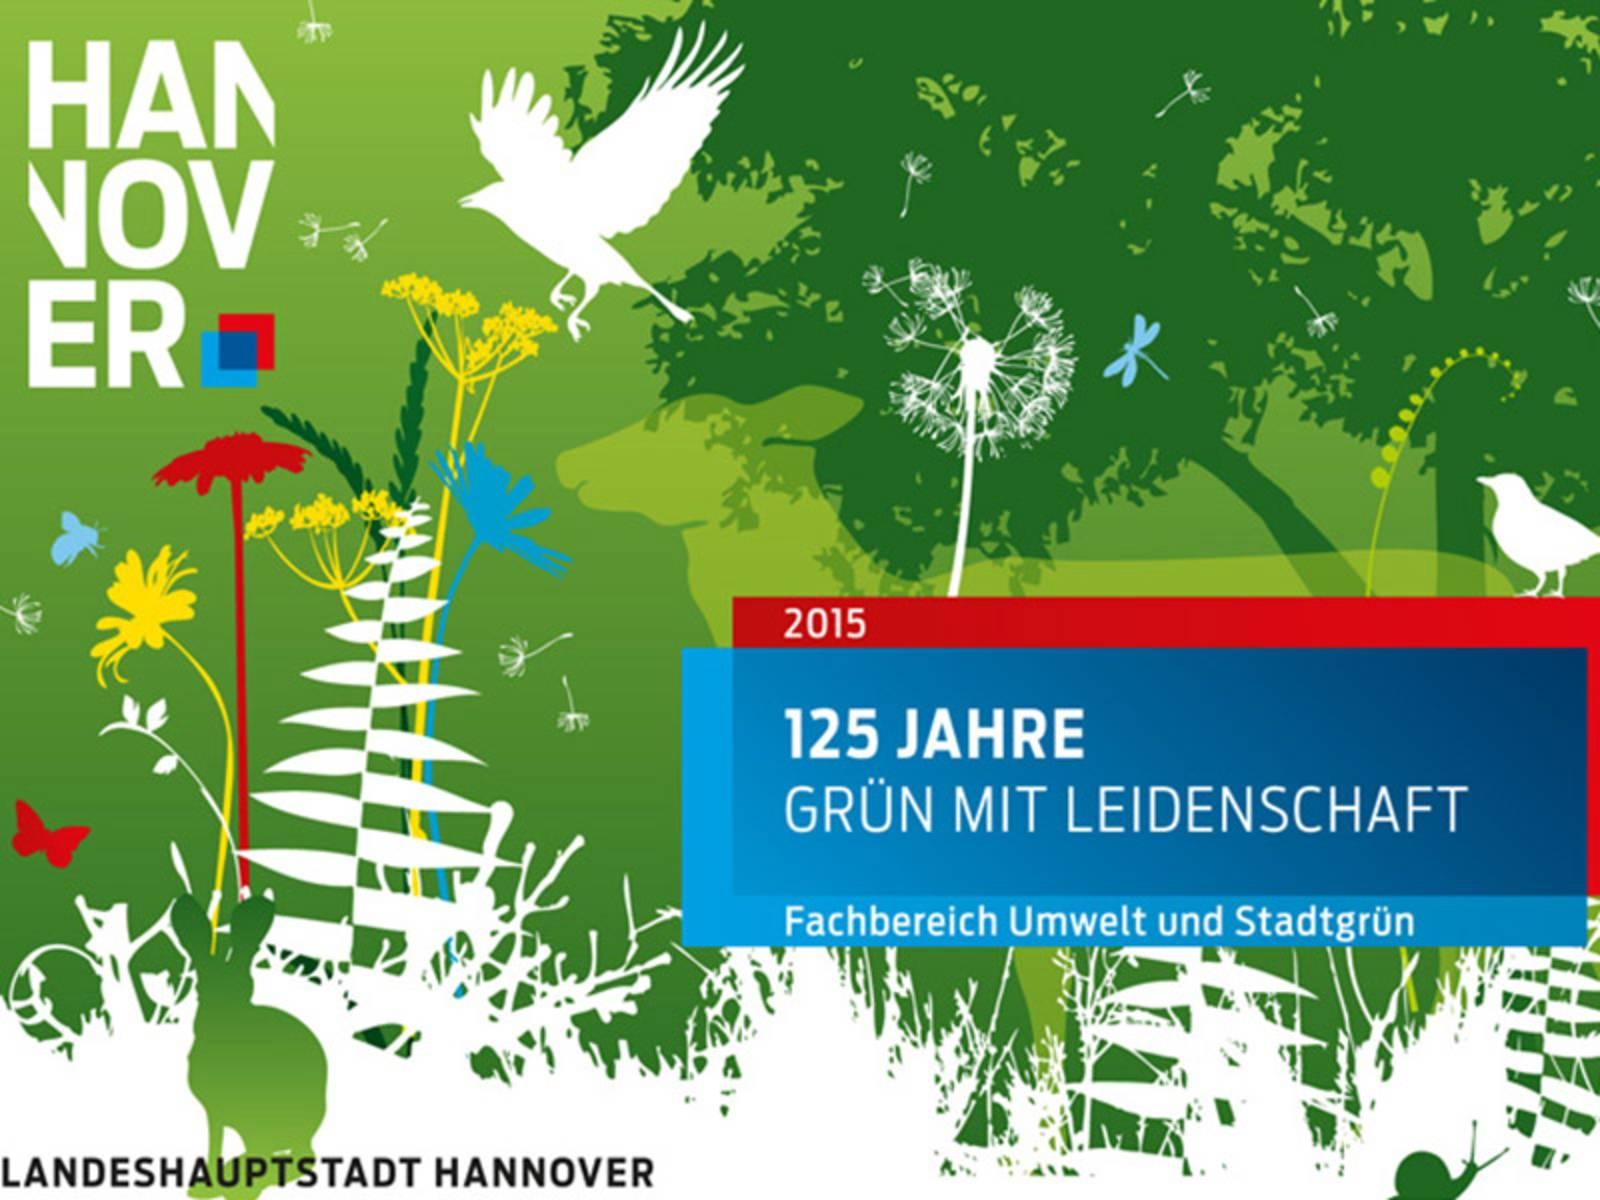 Wimmelbild mit schematischen Darstellungen von Tieren und Pflanzen in einer parkähnlichen Umgebung